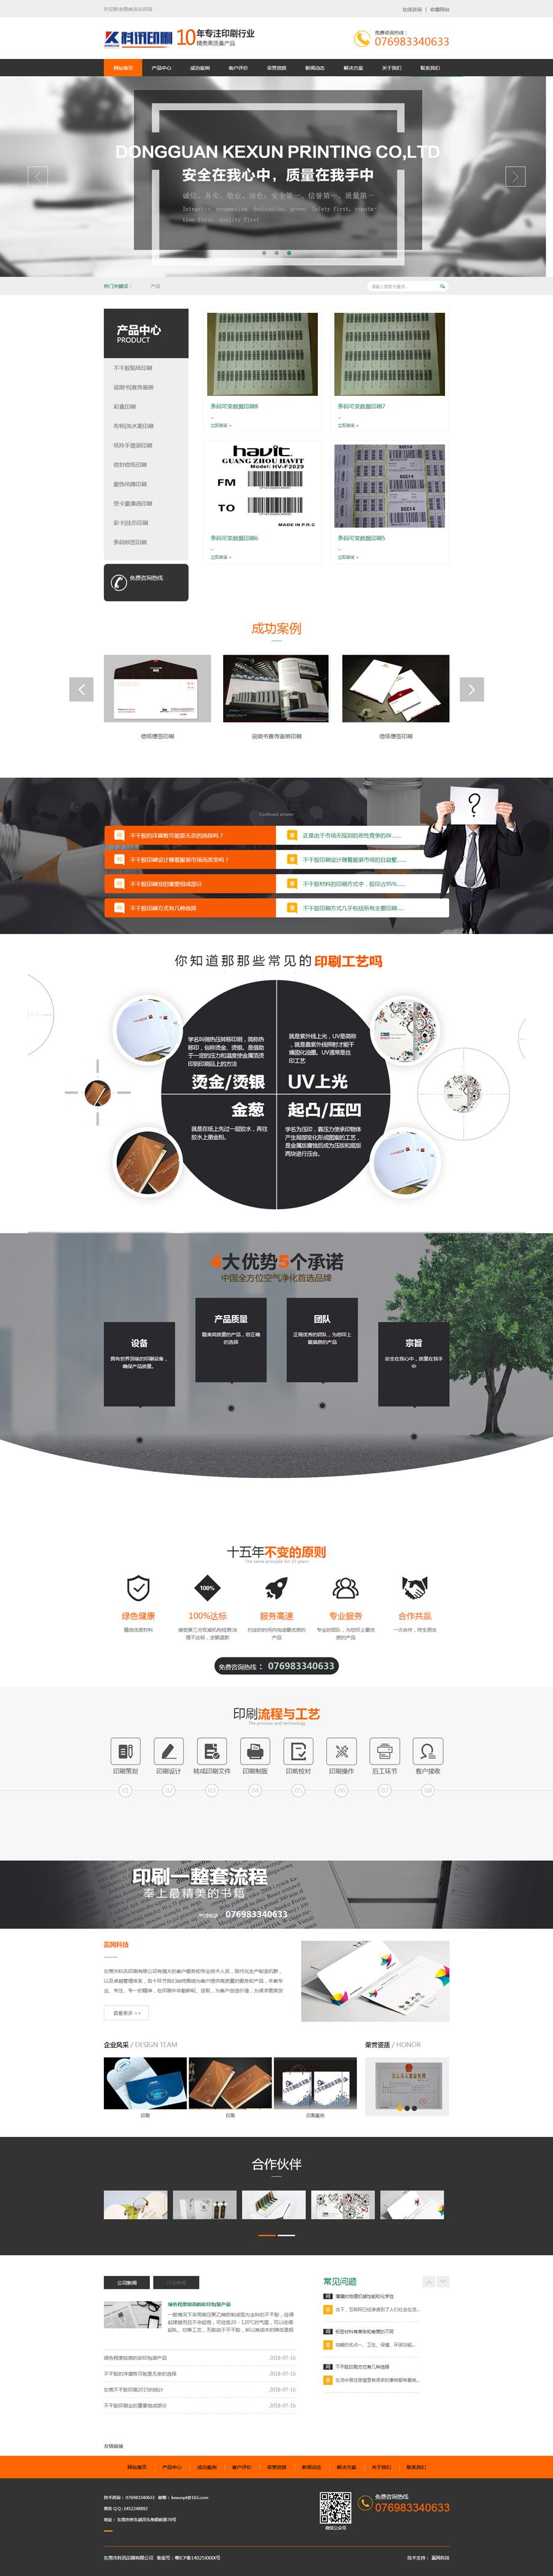 東莞市科訊印刷有限公司.jpg